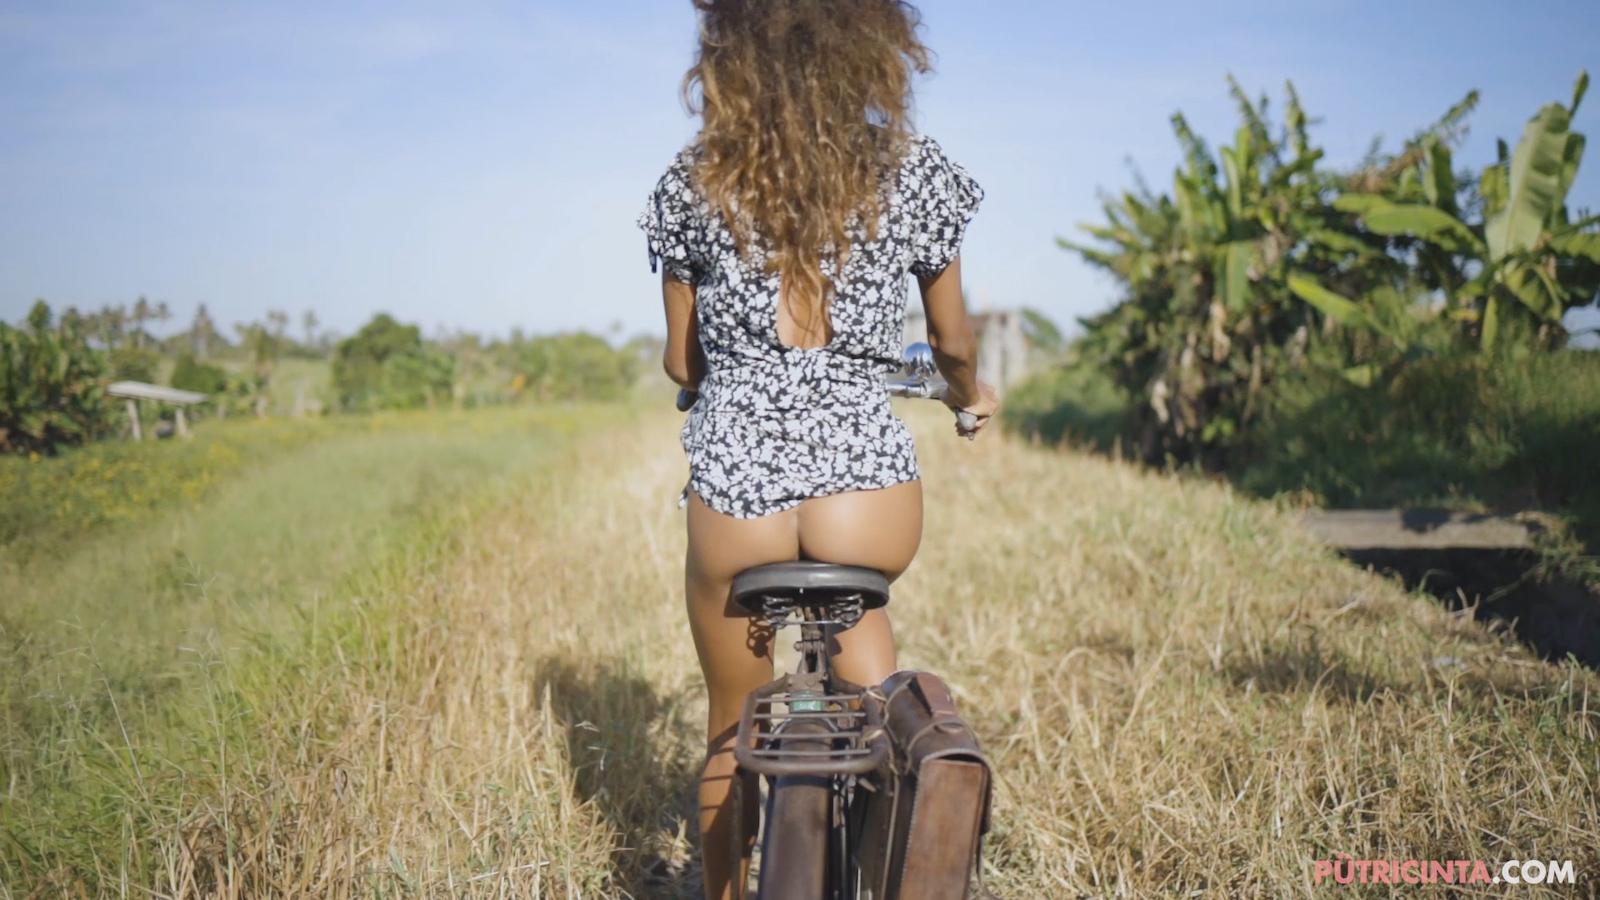 024-cyclingcommando-Putri-Cinta-Mainvid-stills-58.jpg